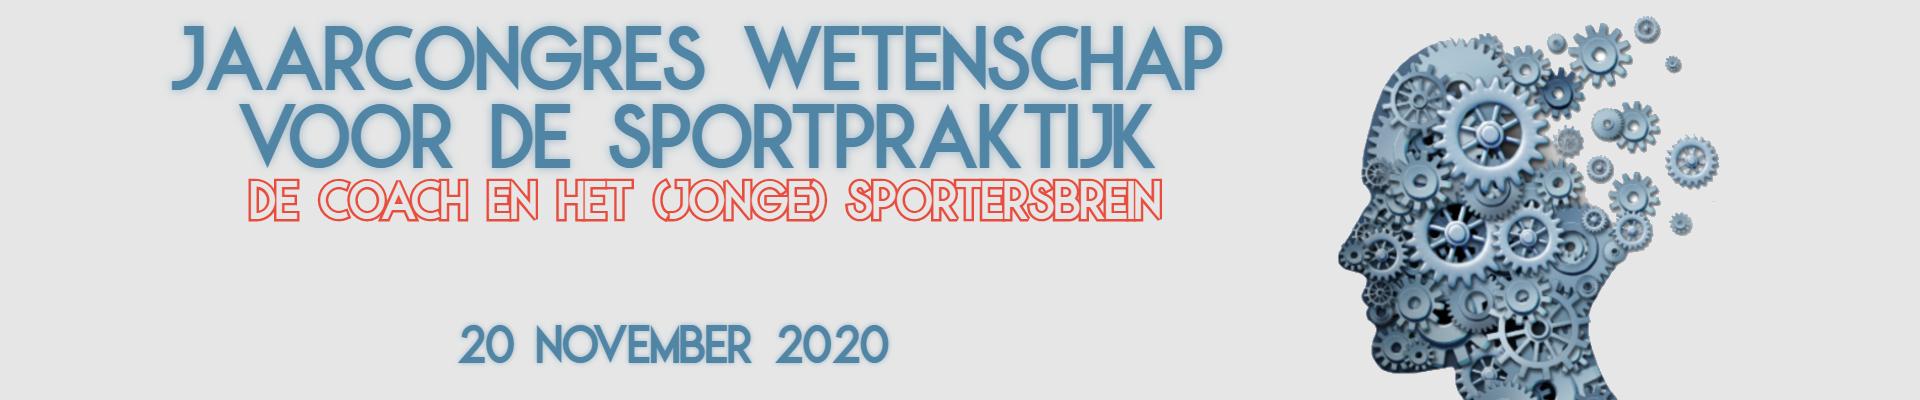 Jaarcongres Wetenschap voor de sportpraktijk: De coach en het (jonge) sportersbrein